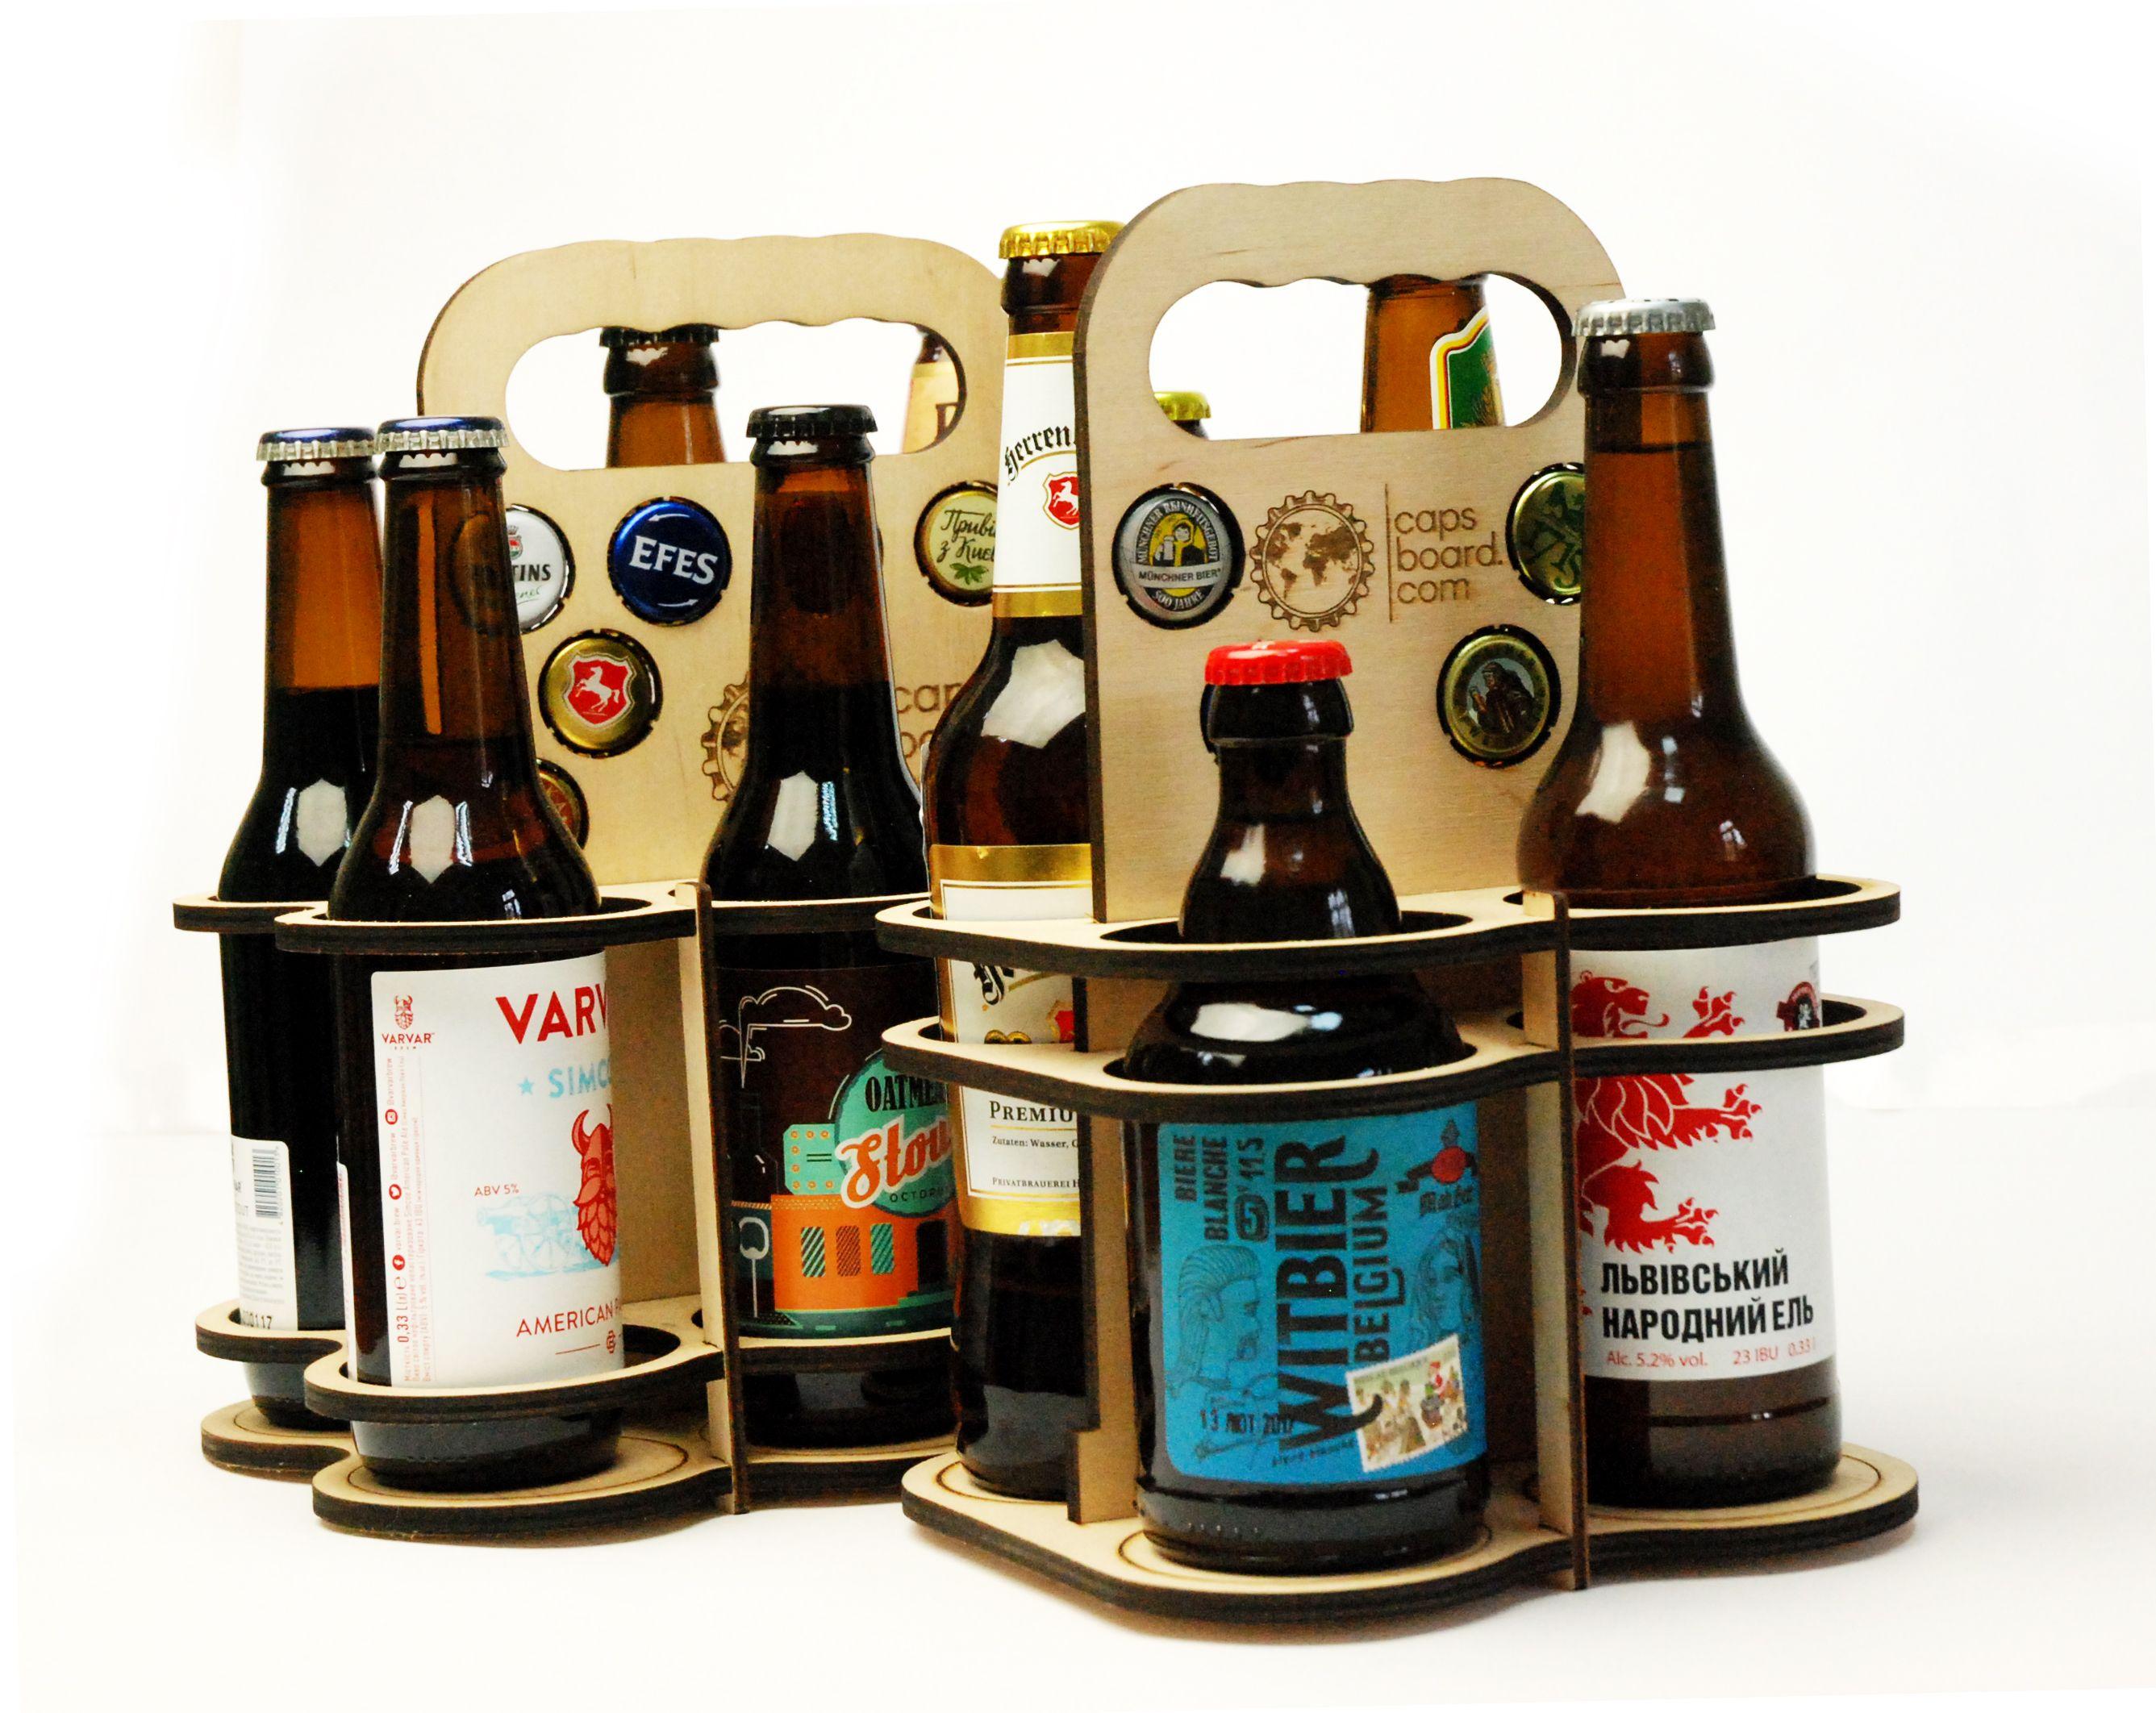 Wood Beer Carrier, Wooden Cap Holder, Beer Tote, Personalization Beer